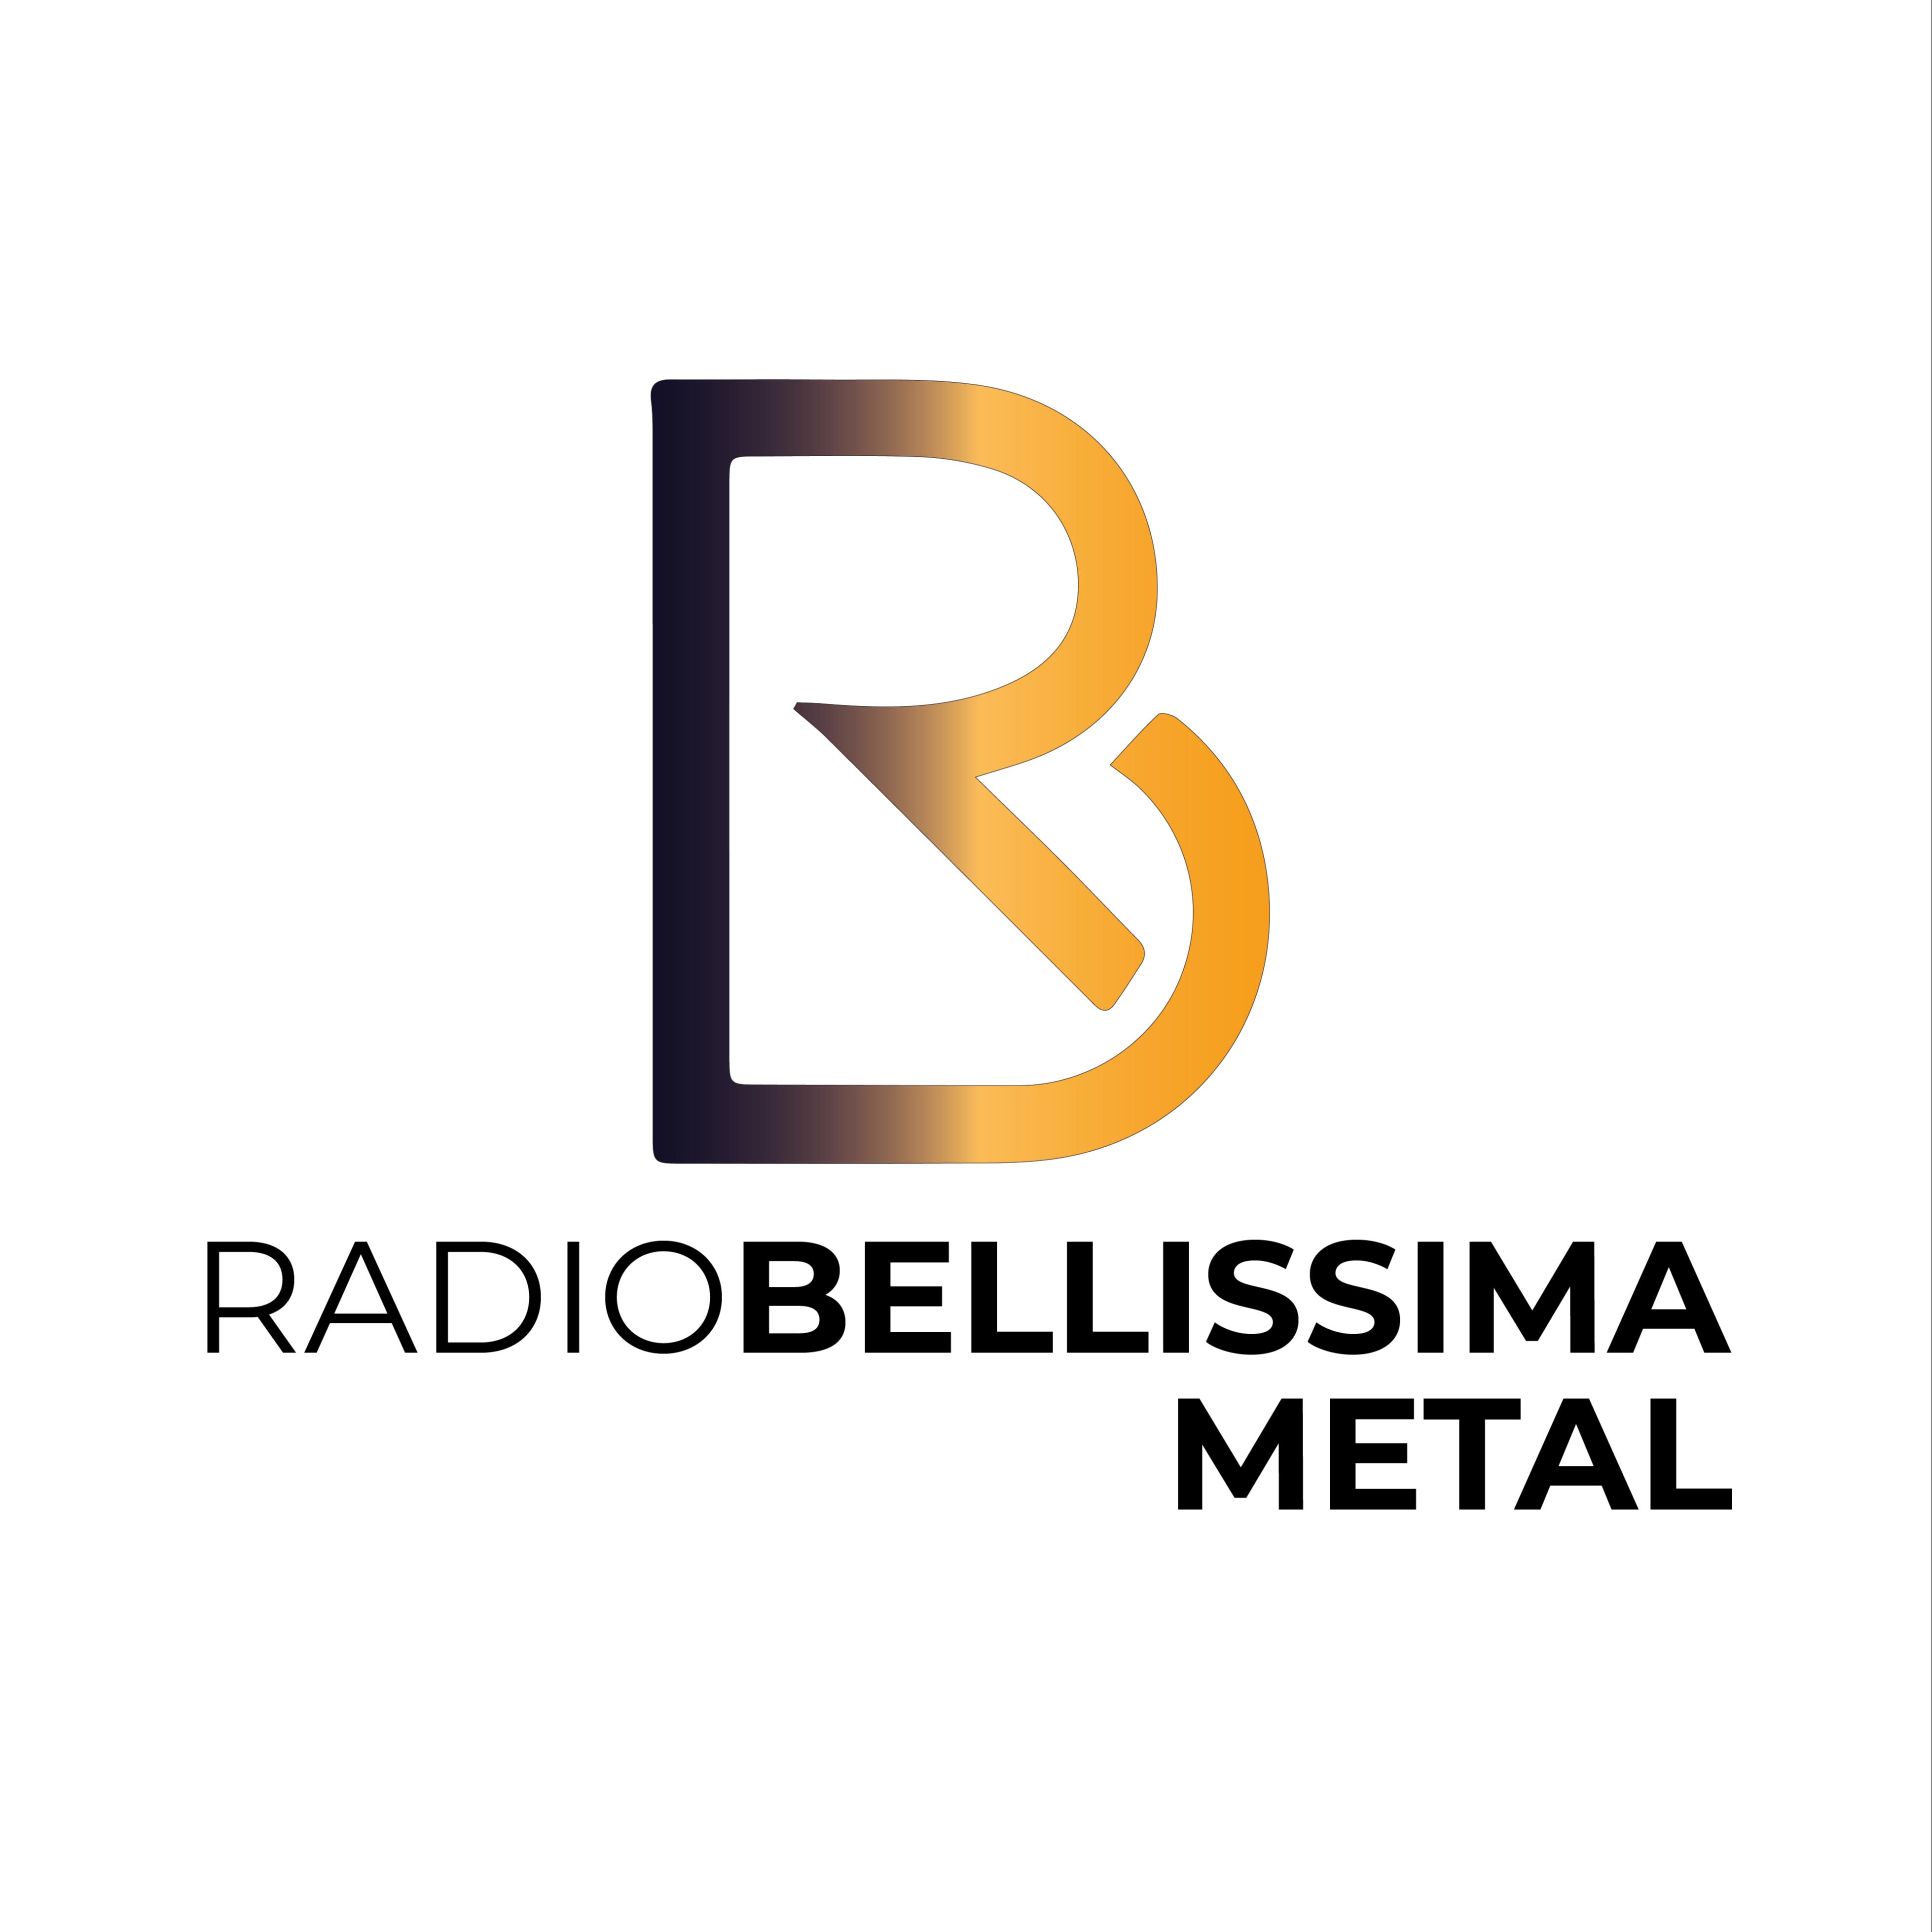 Radio Bellissima Metal